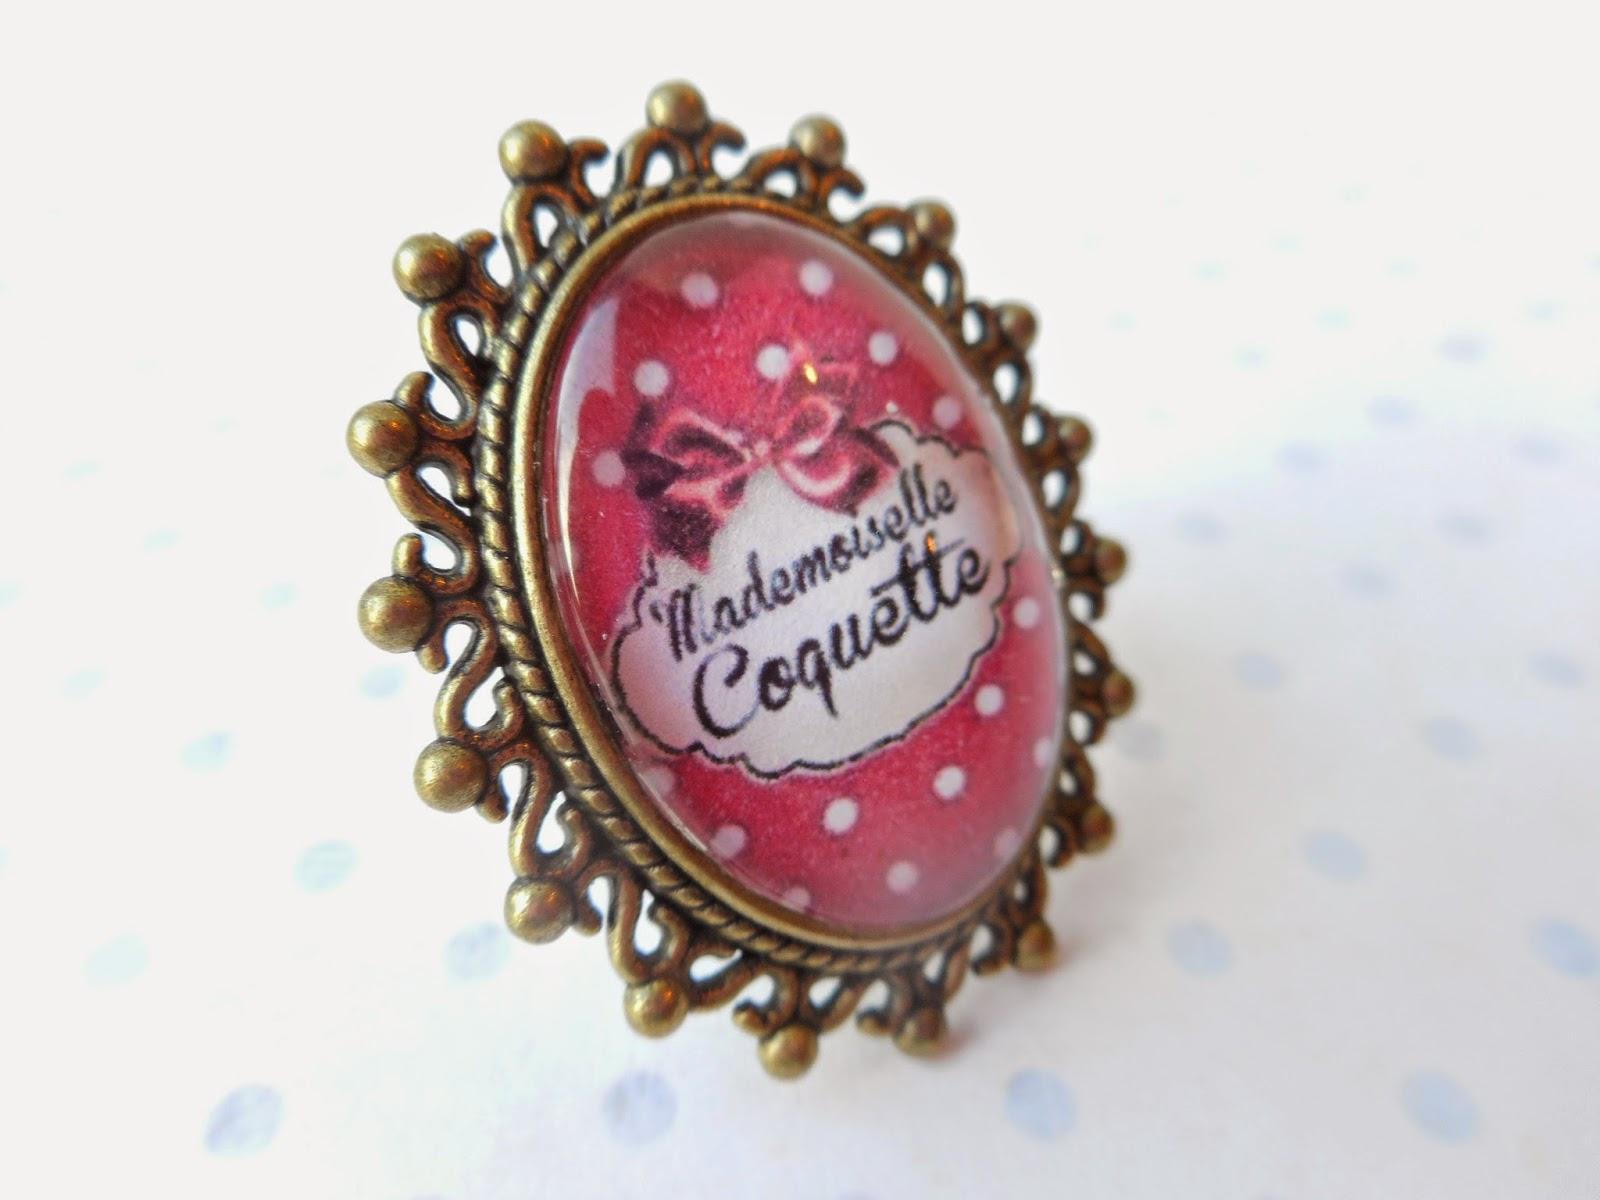 http://www.alittlemarket.com/bague/fr_bague_vintage_bronze_cabochon_verre_mademoiselle_coquette_les_pois_rouge_et_blanc_creation_miss_coopecoll_-11877841.html